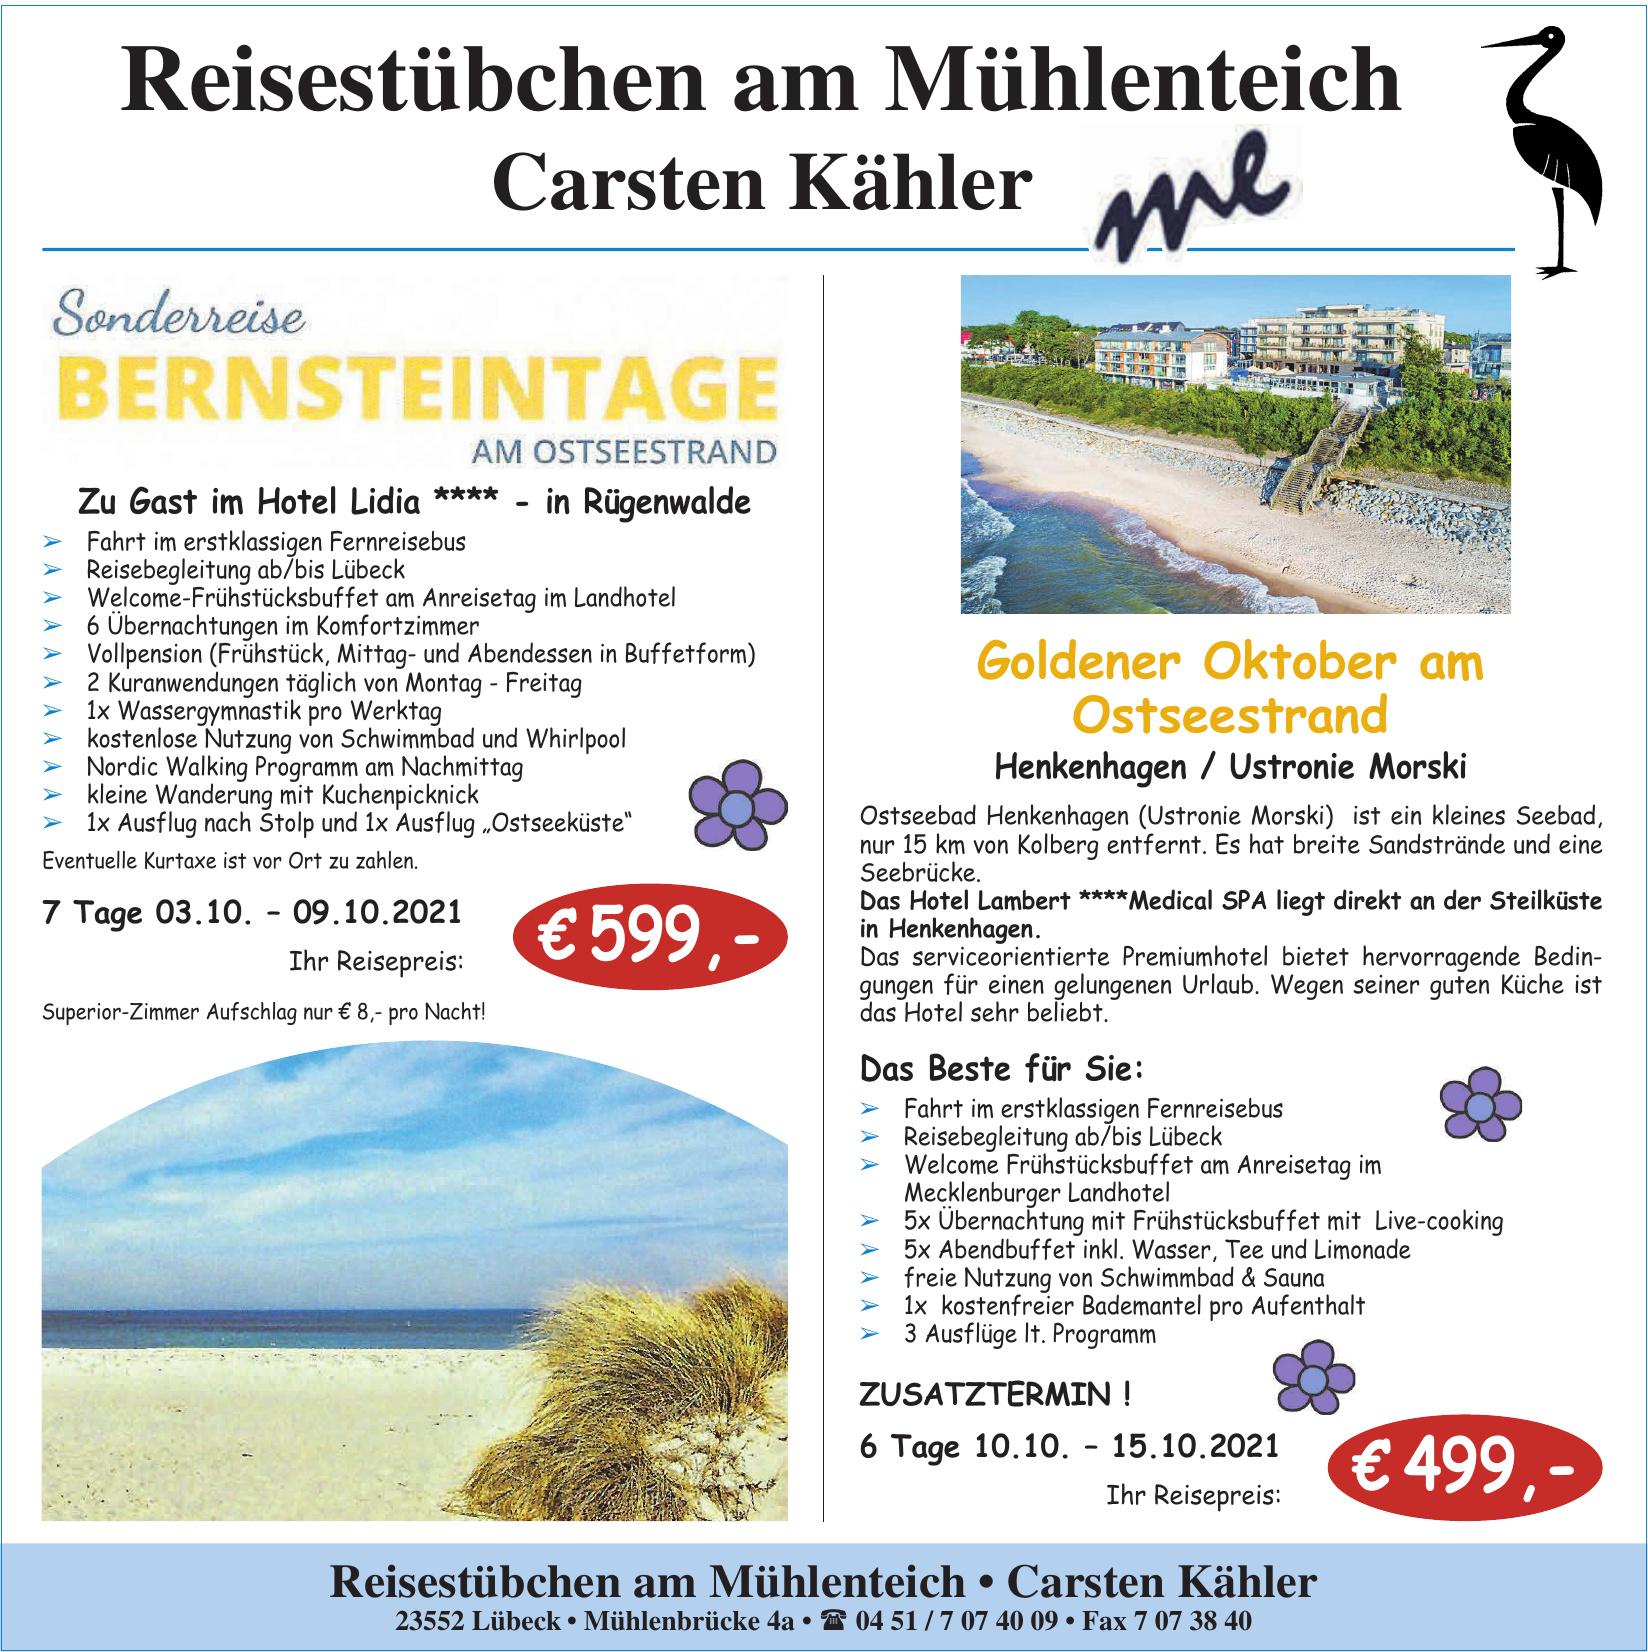 Reisestübchen am Mühlenteich - Carsten Kähler